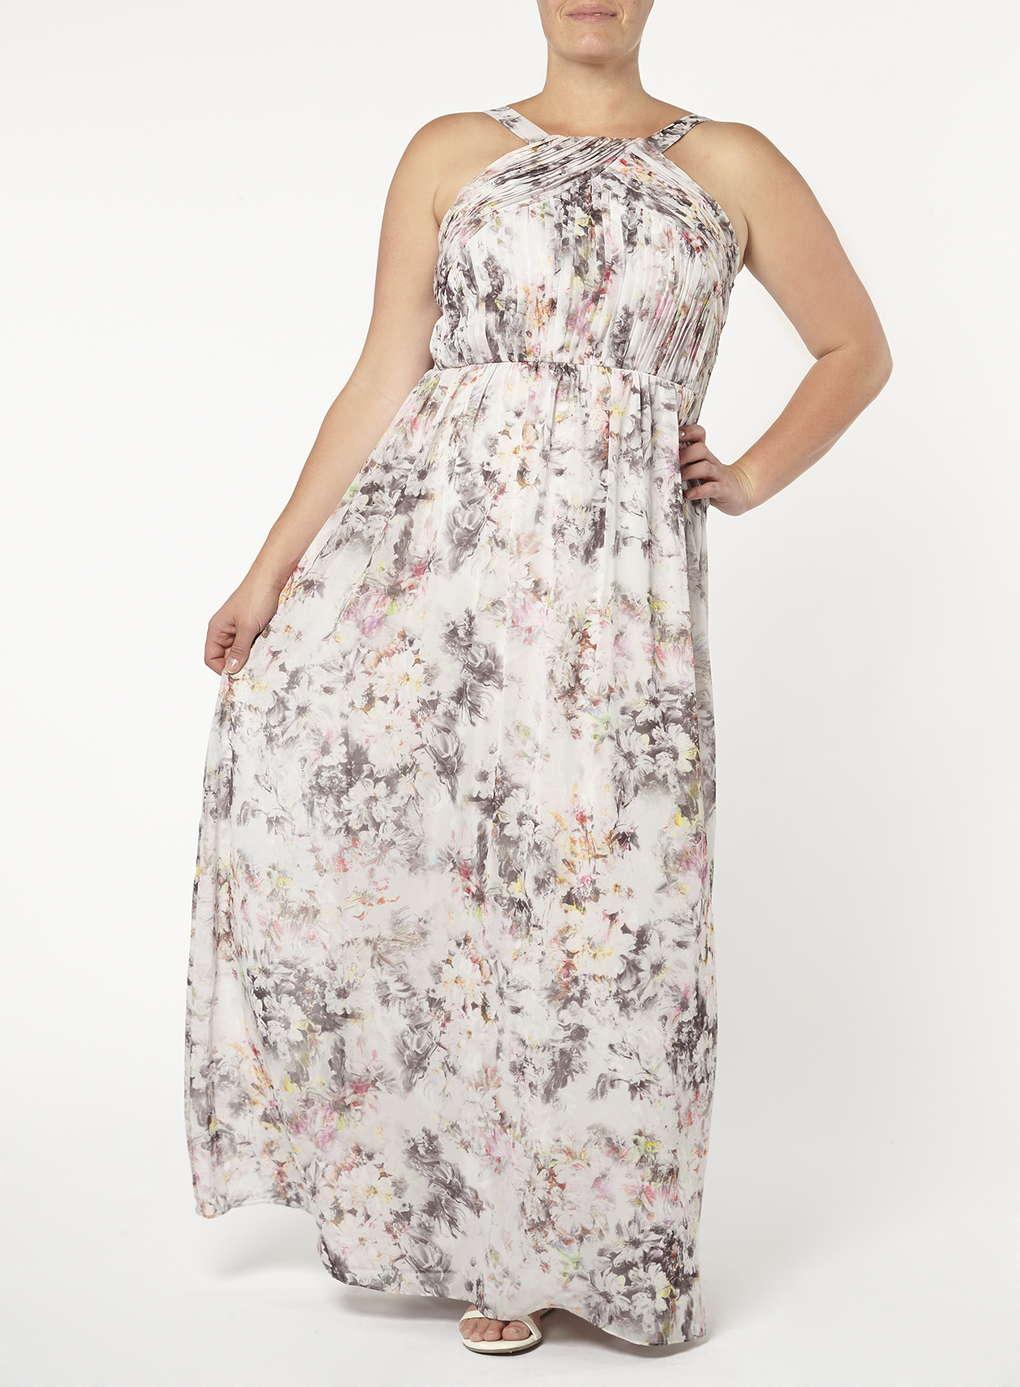 Büyük Beden Uzun Abiye Elbise Modelleri - Gece Elbiseleri - plus size dresses (14)